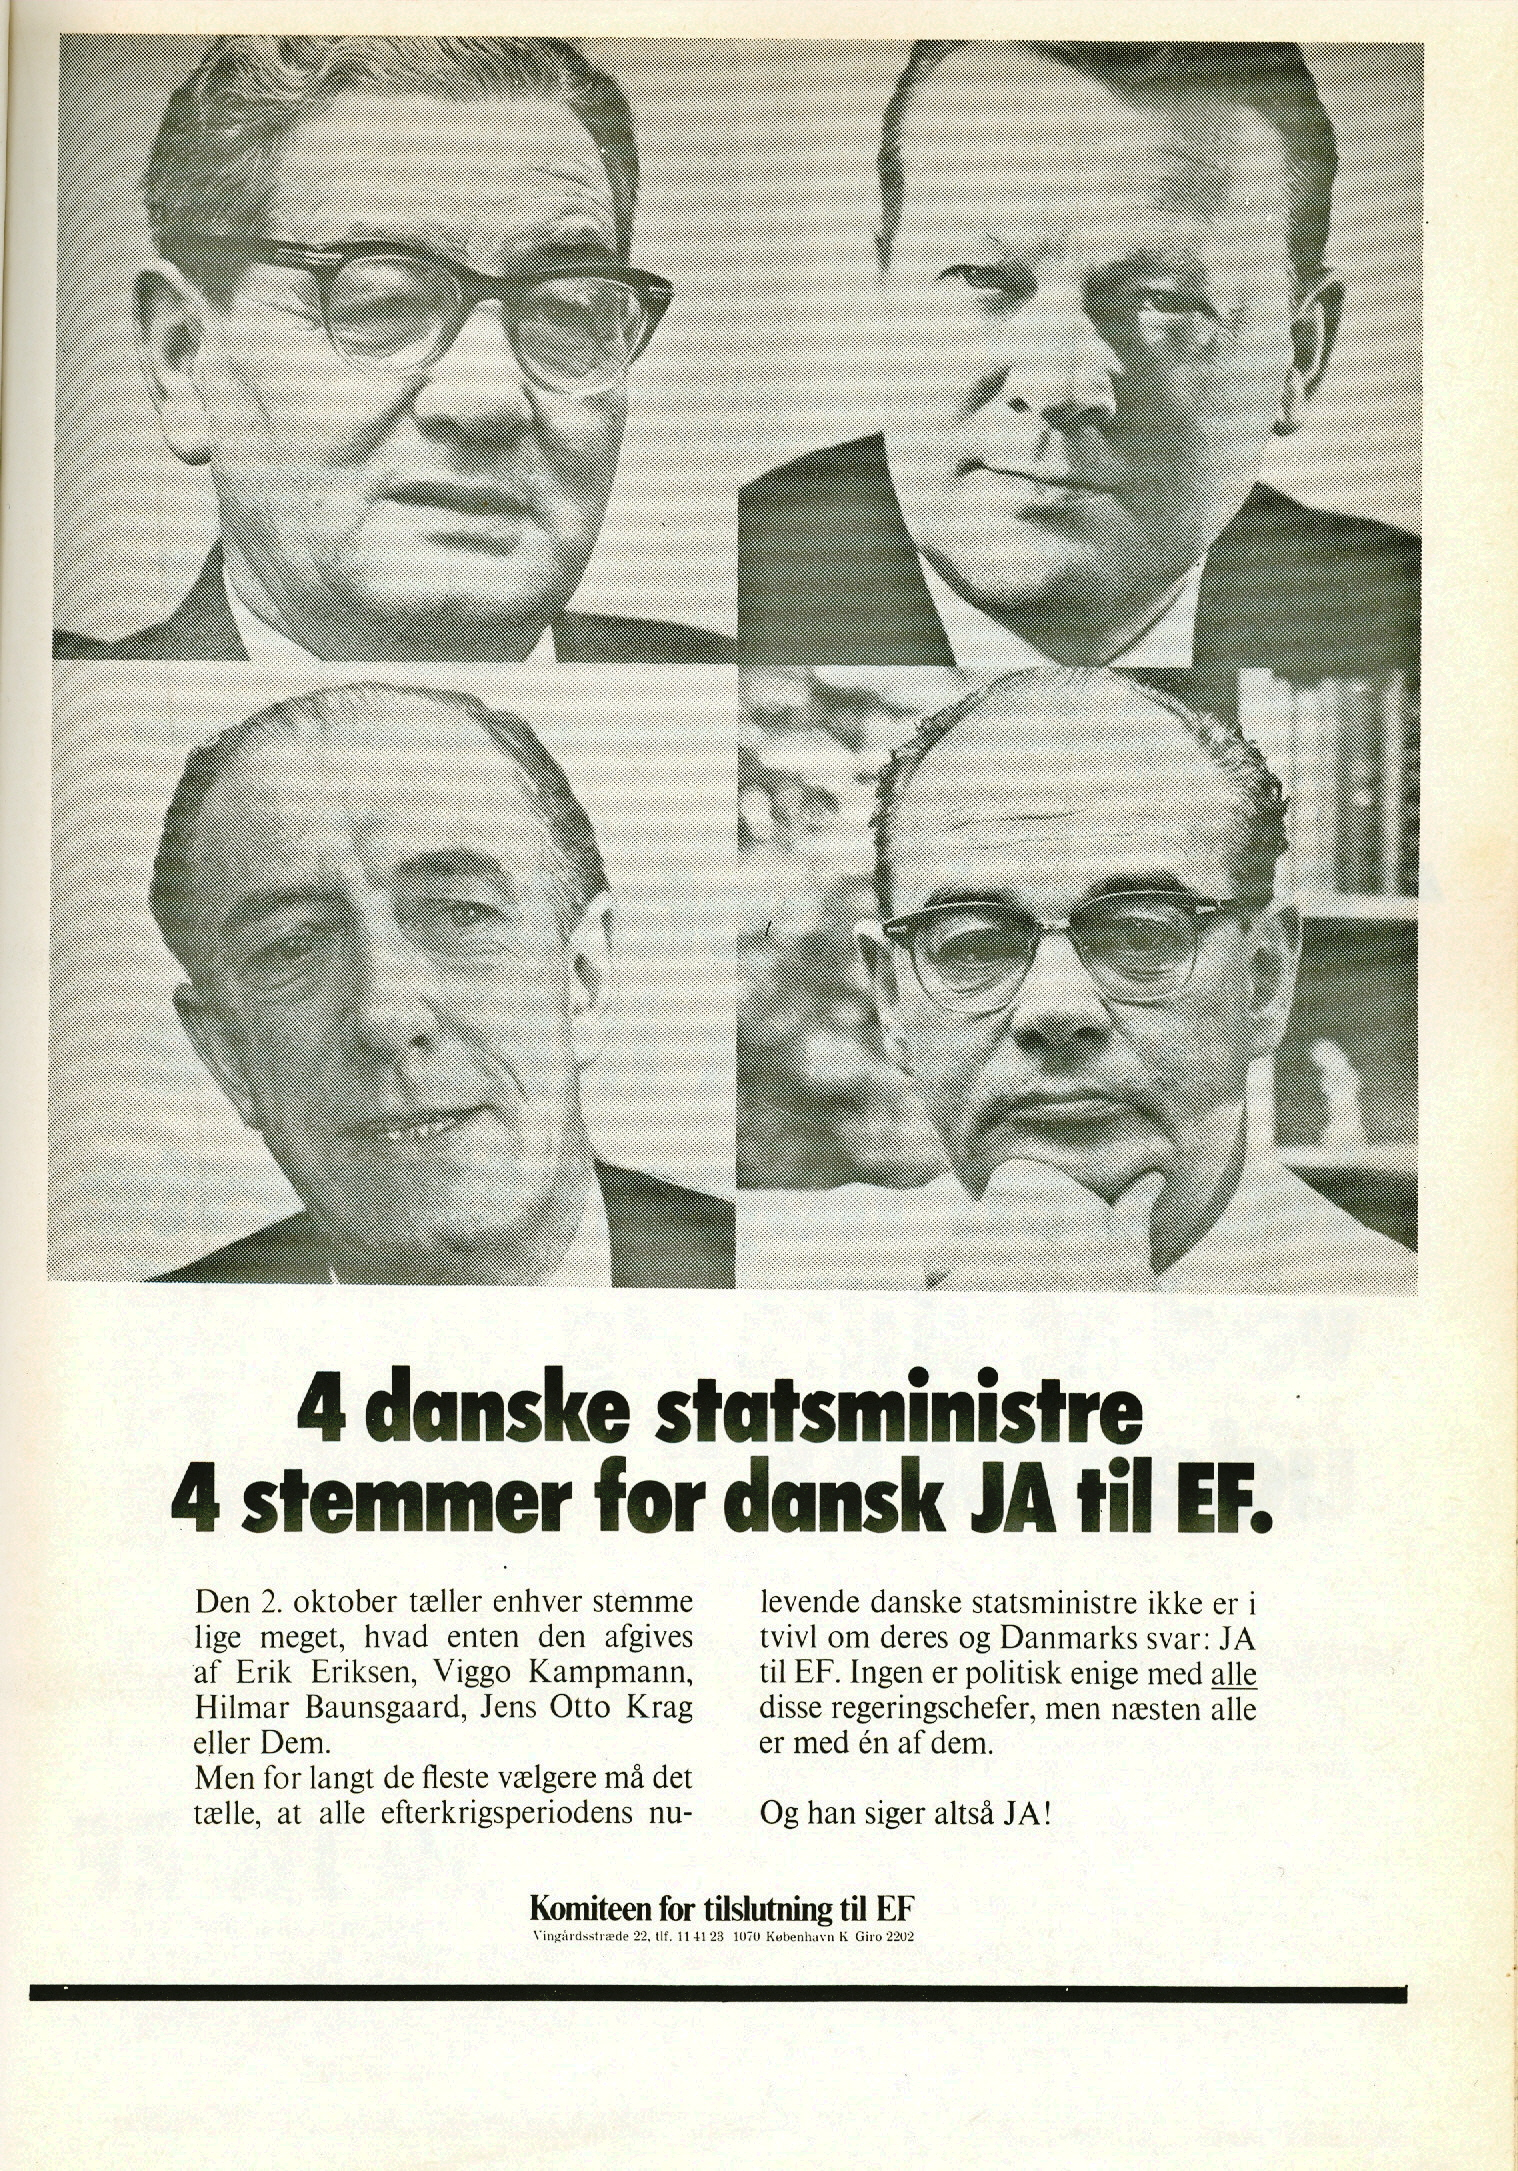 Danmarks medlemskab af EF og EU, efter 1972